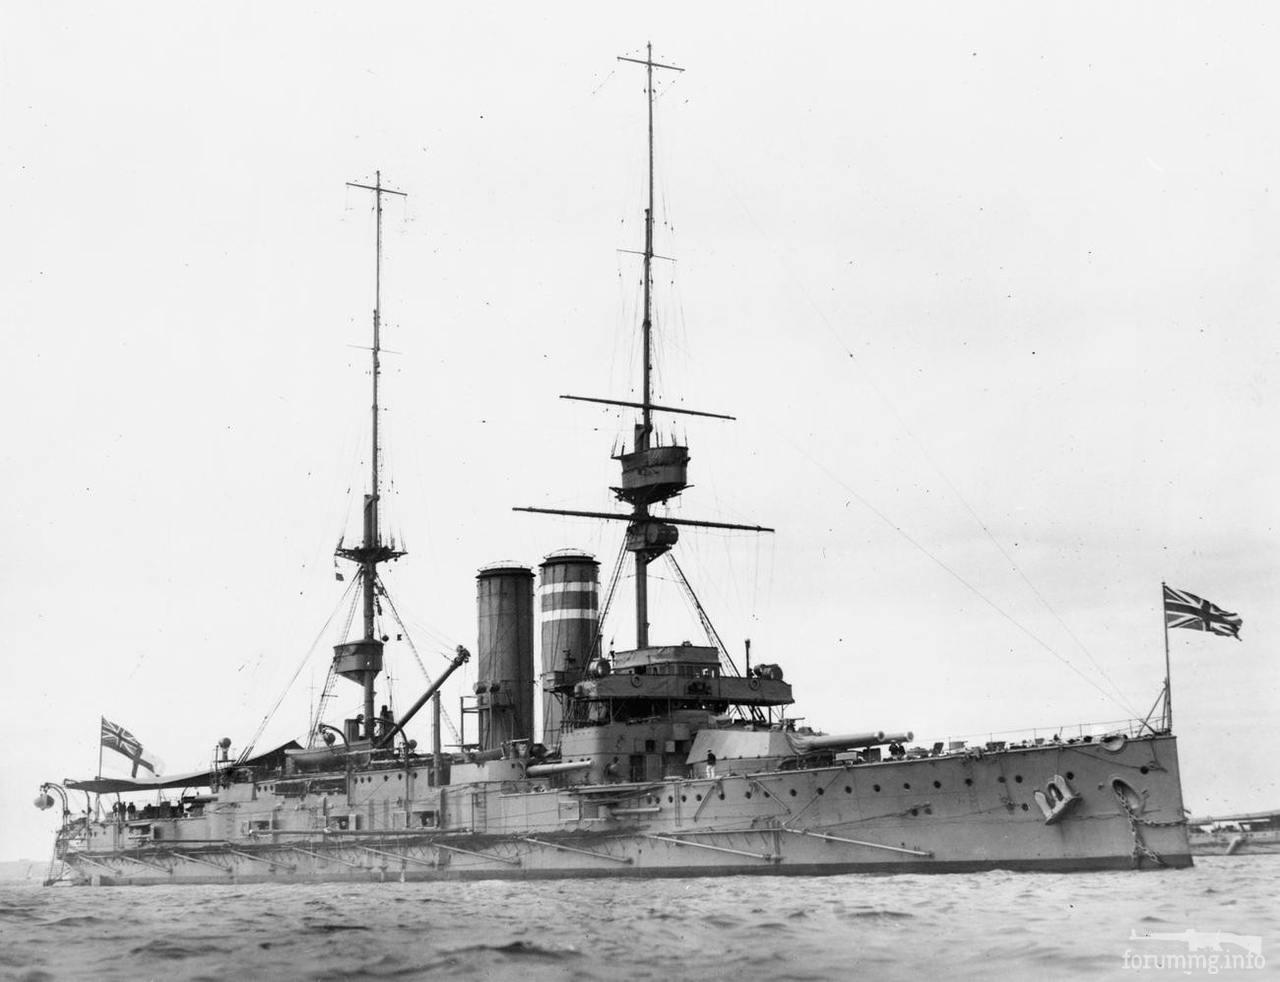 118629 - Броненосцы, дредноуты, линкоры и крейсера Британии